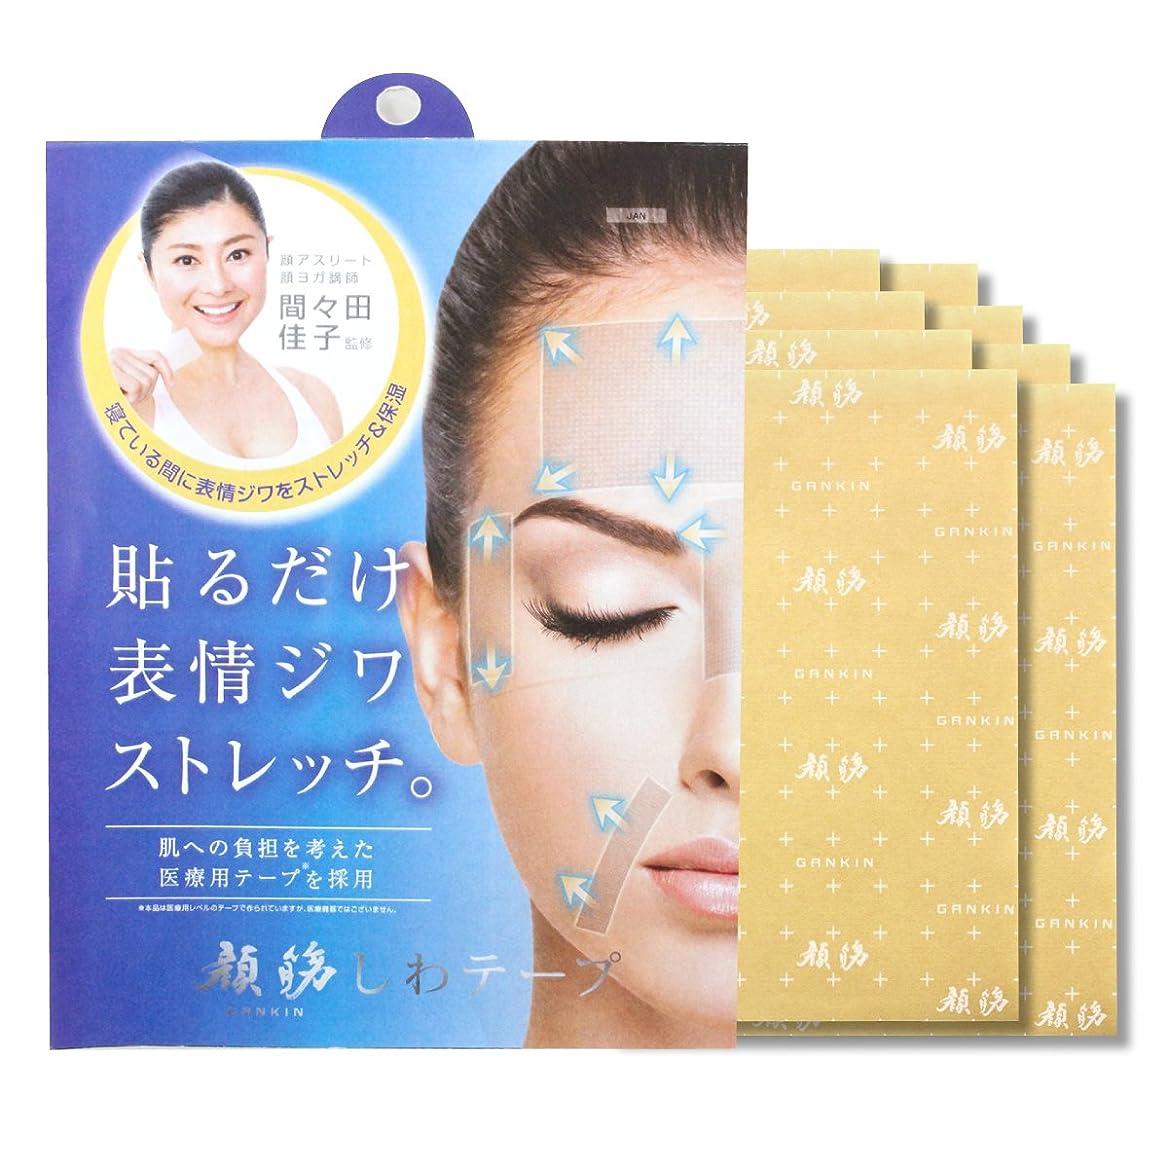 プラスチック台無しにスケジュール顔筋シワテープ (8枚組)